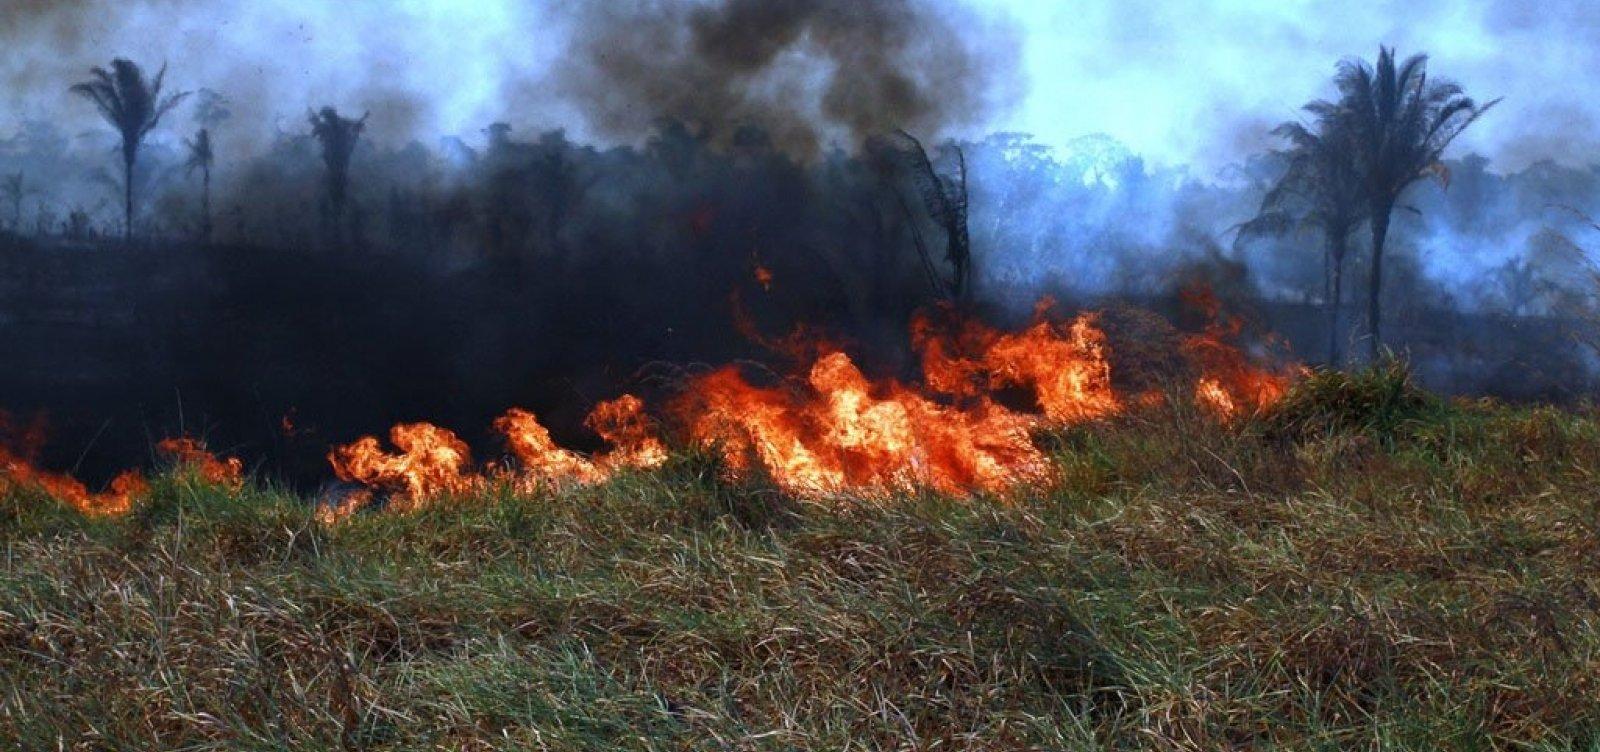 [Ministro da Finlândia quer banir importação de carne brasileira após incêndios na Amazônia]